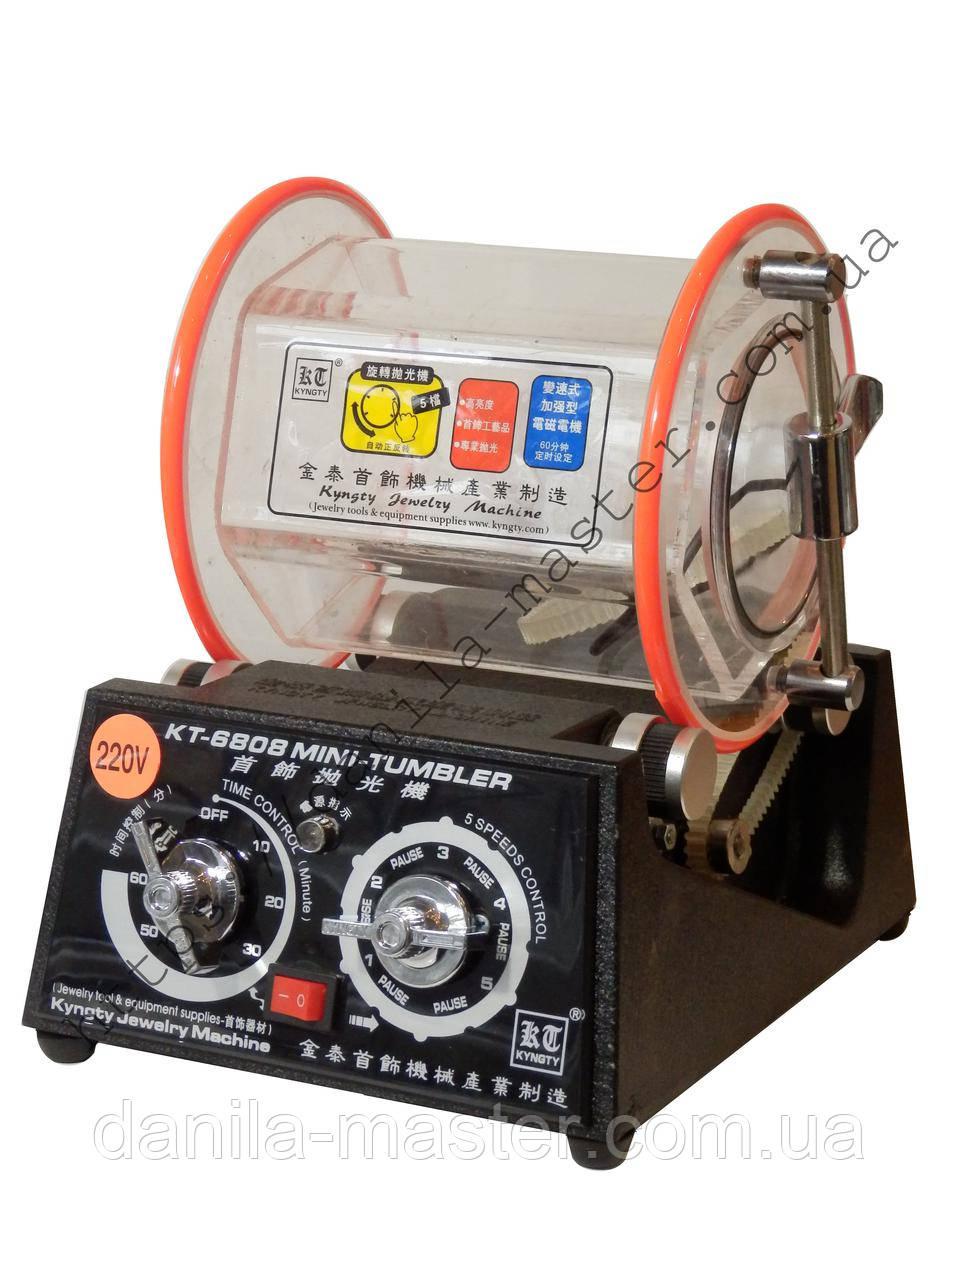 Барабанна галтовка KT-6808